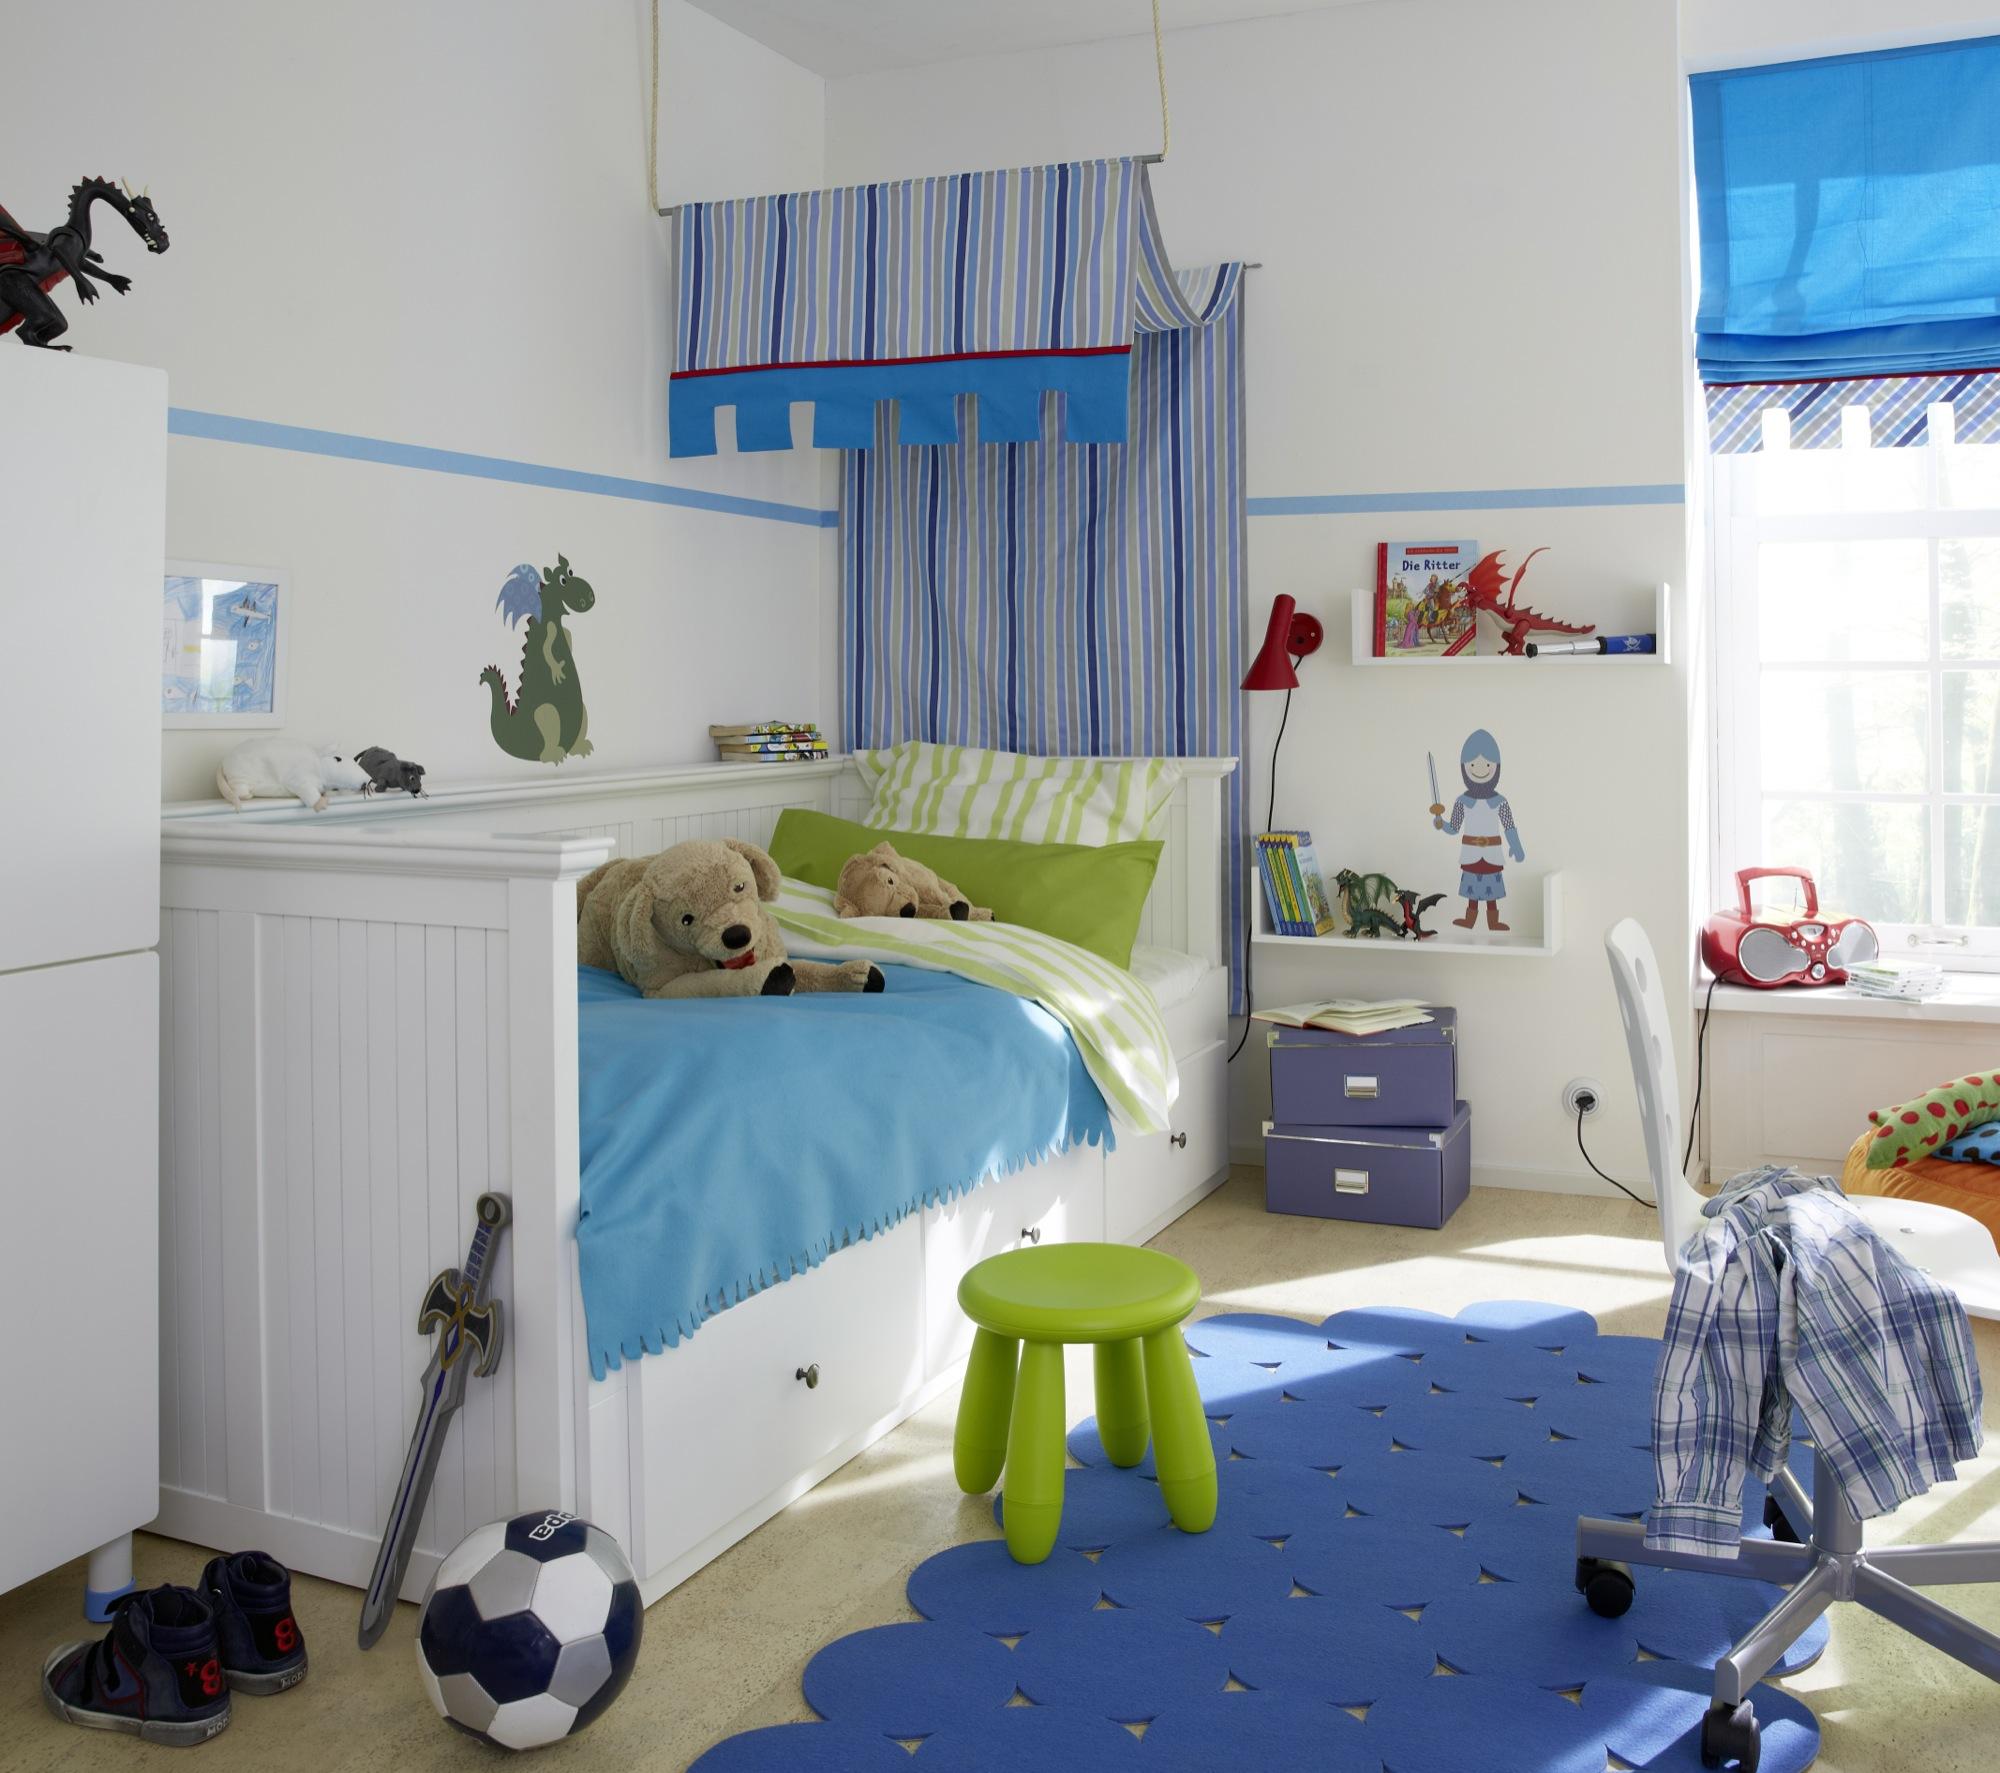 Full Size of Kinderzimmer Wird Zum Abenteuerland Diewohnbloggerde Regale Regal Weiß Raffrollo Küche Sofa Kinderzimmer Raffrollo Kinderzimmer